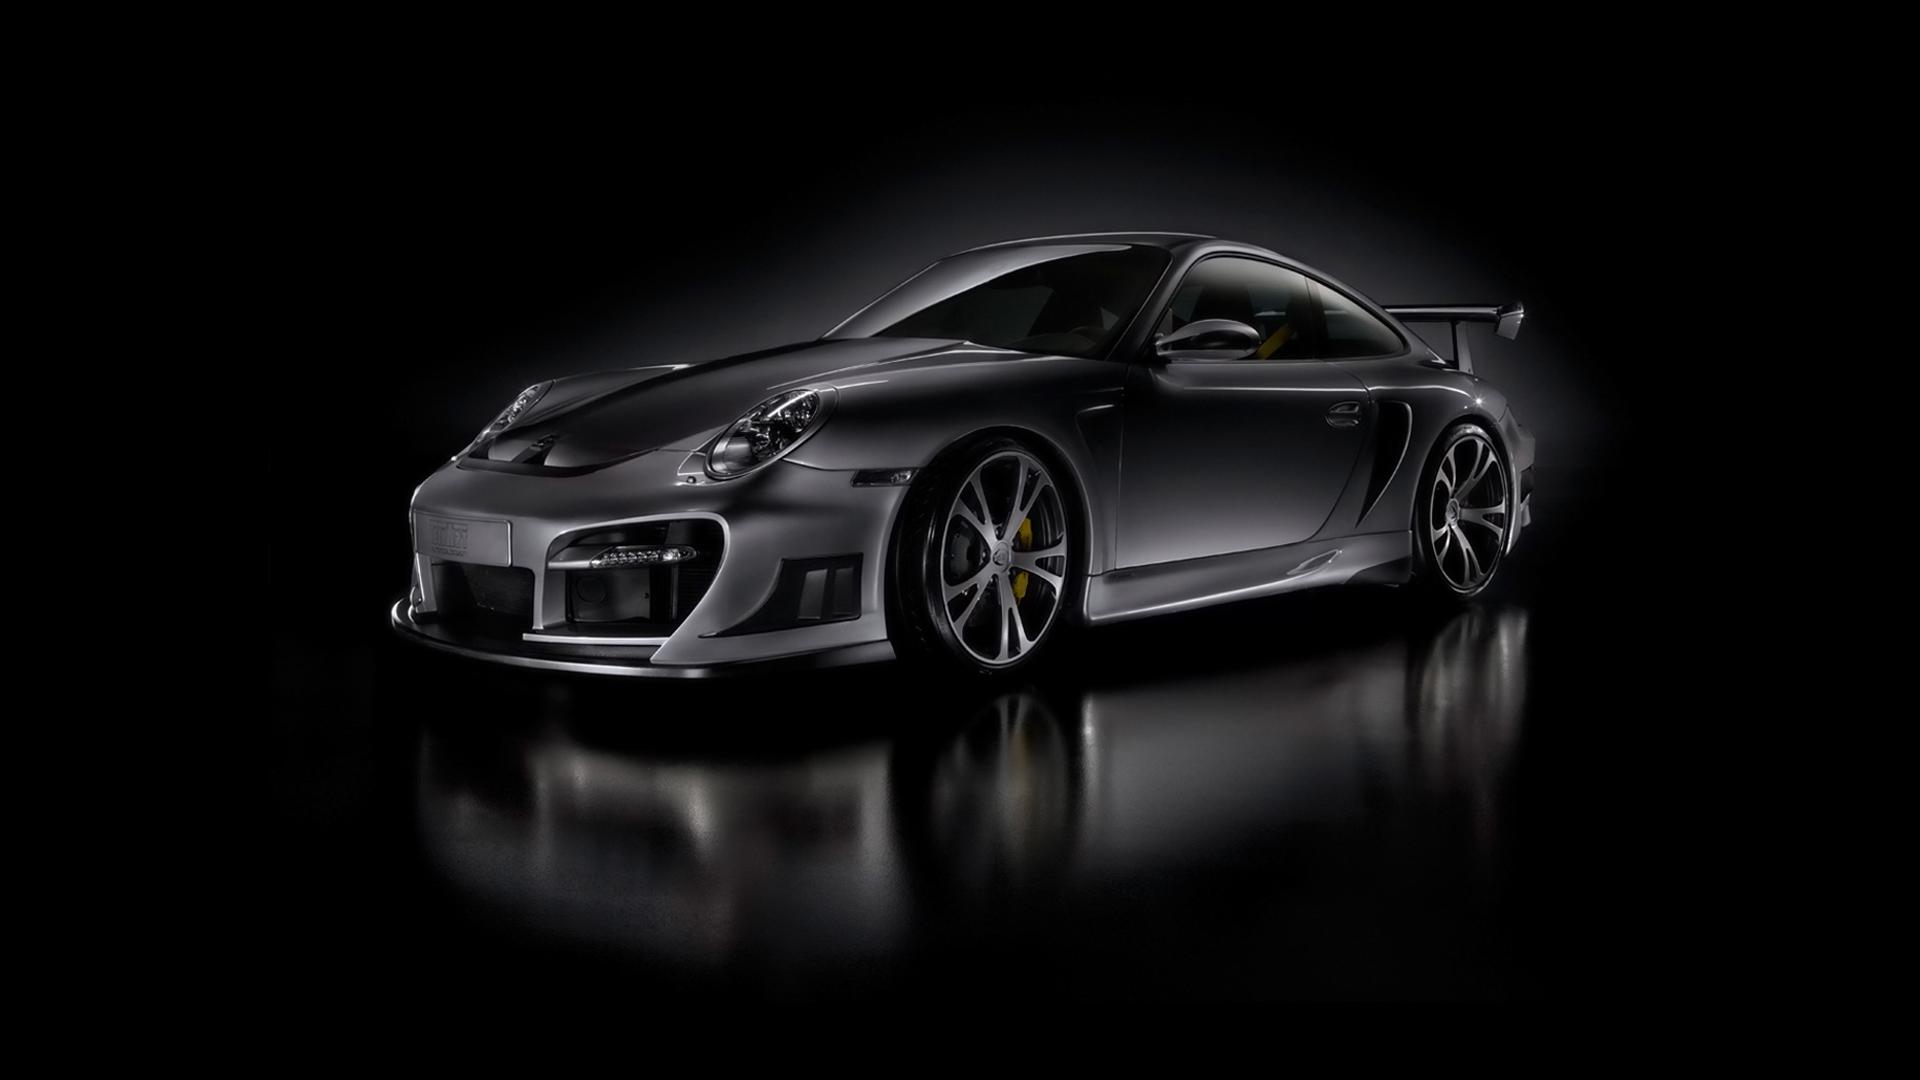 Dark Porsche GT Street Racing HDTV 1080p Wallpapers   HD Wallpapers